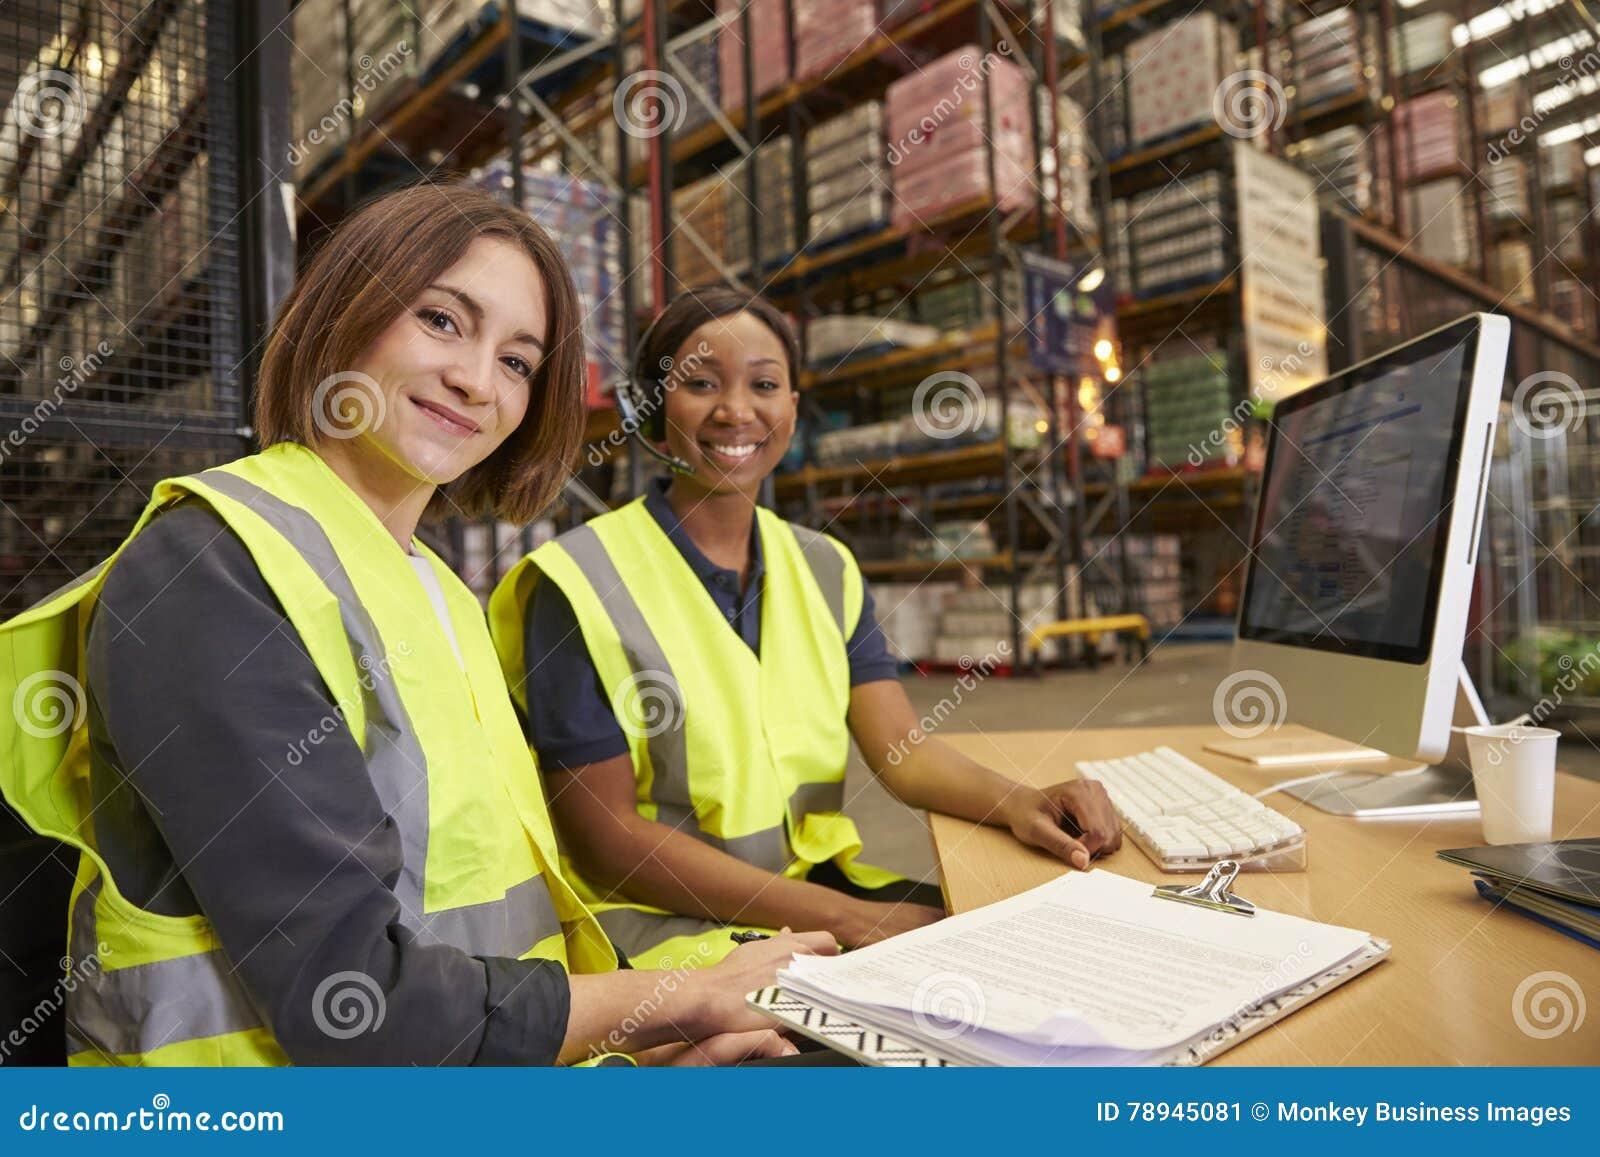 Twee vrouwelijke collega s in een pakhuisbureau kijken aan camera